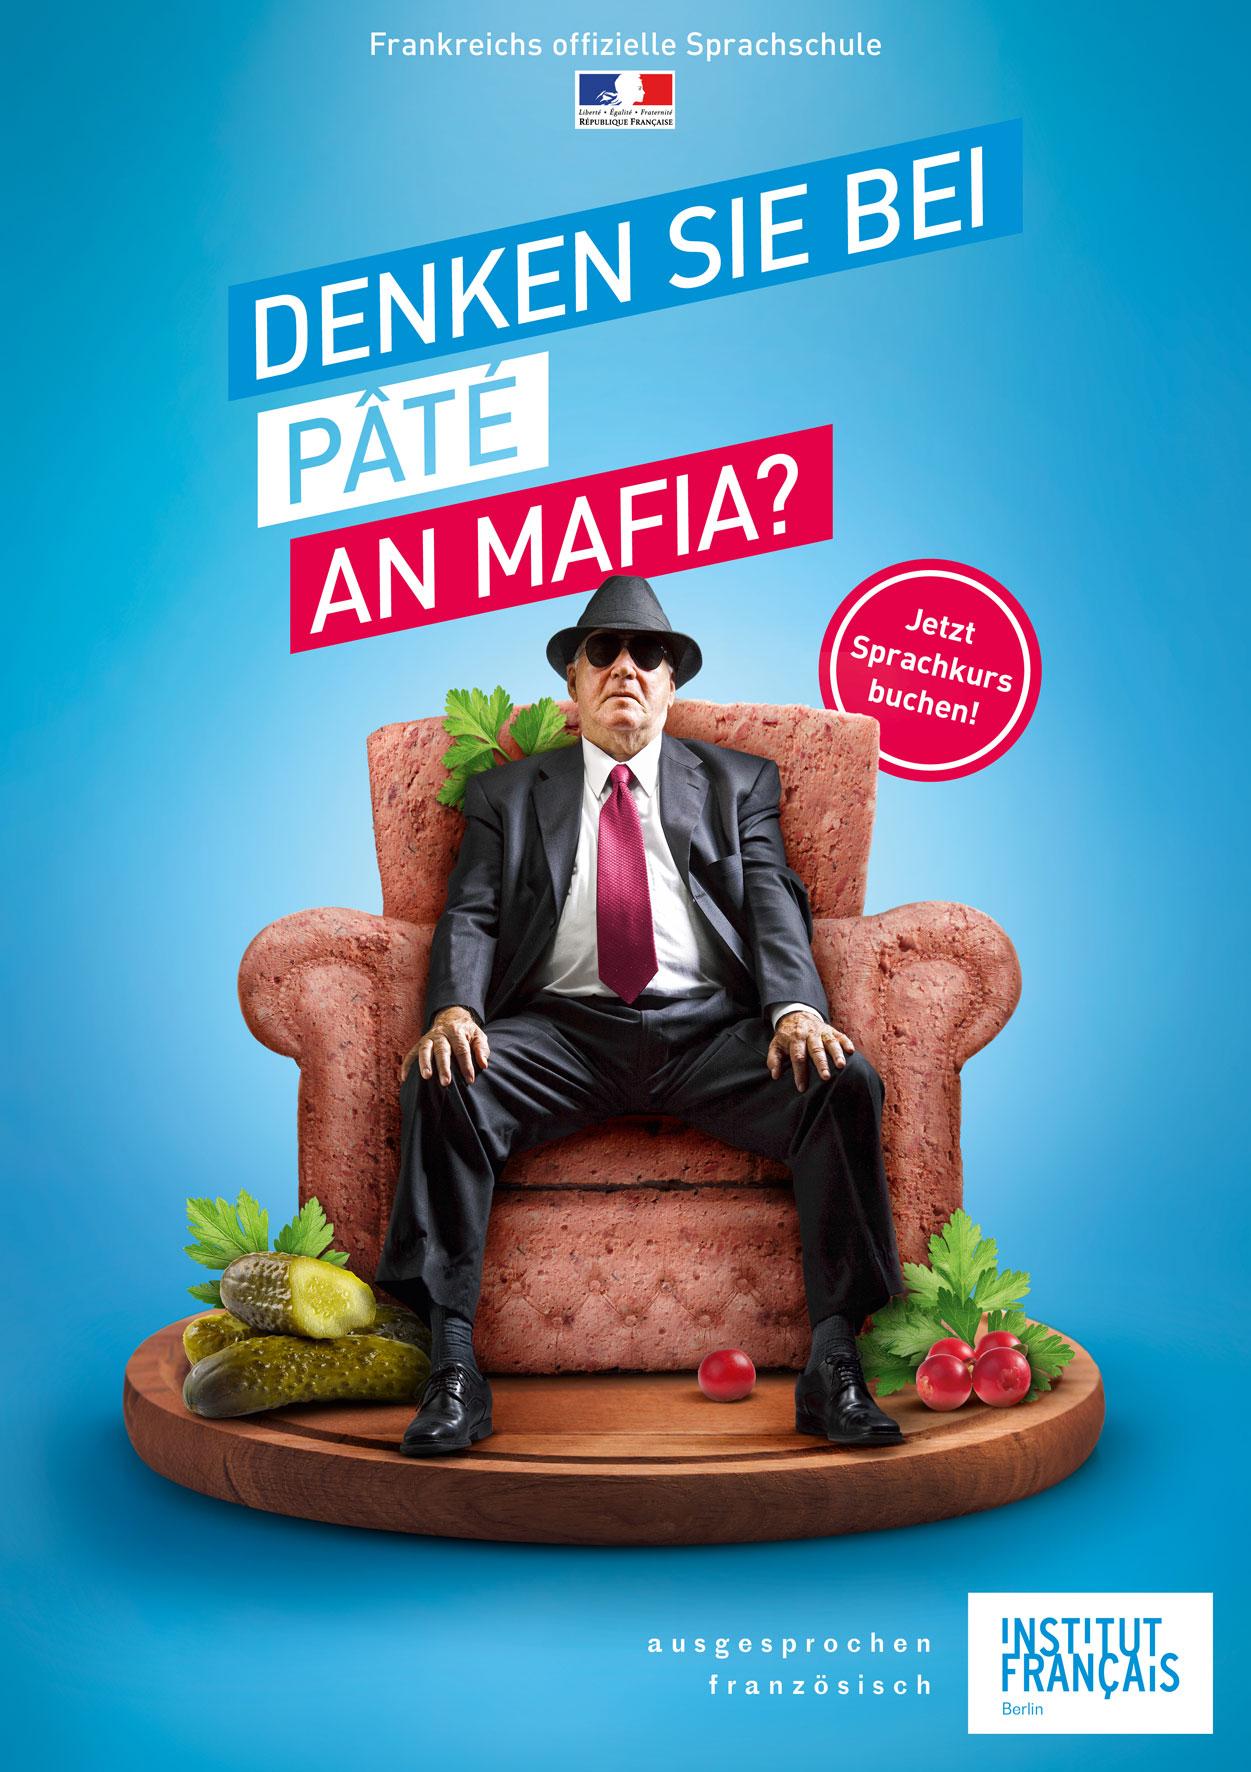 Denken Sie bei Pate an Mafia?